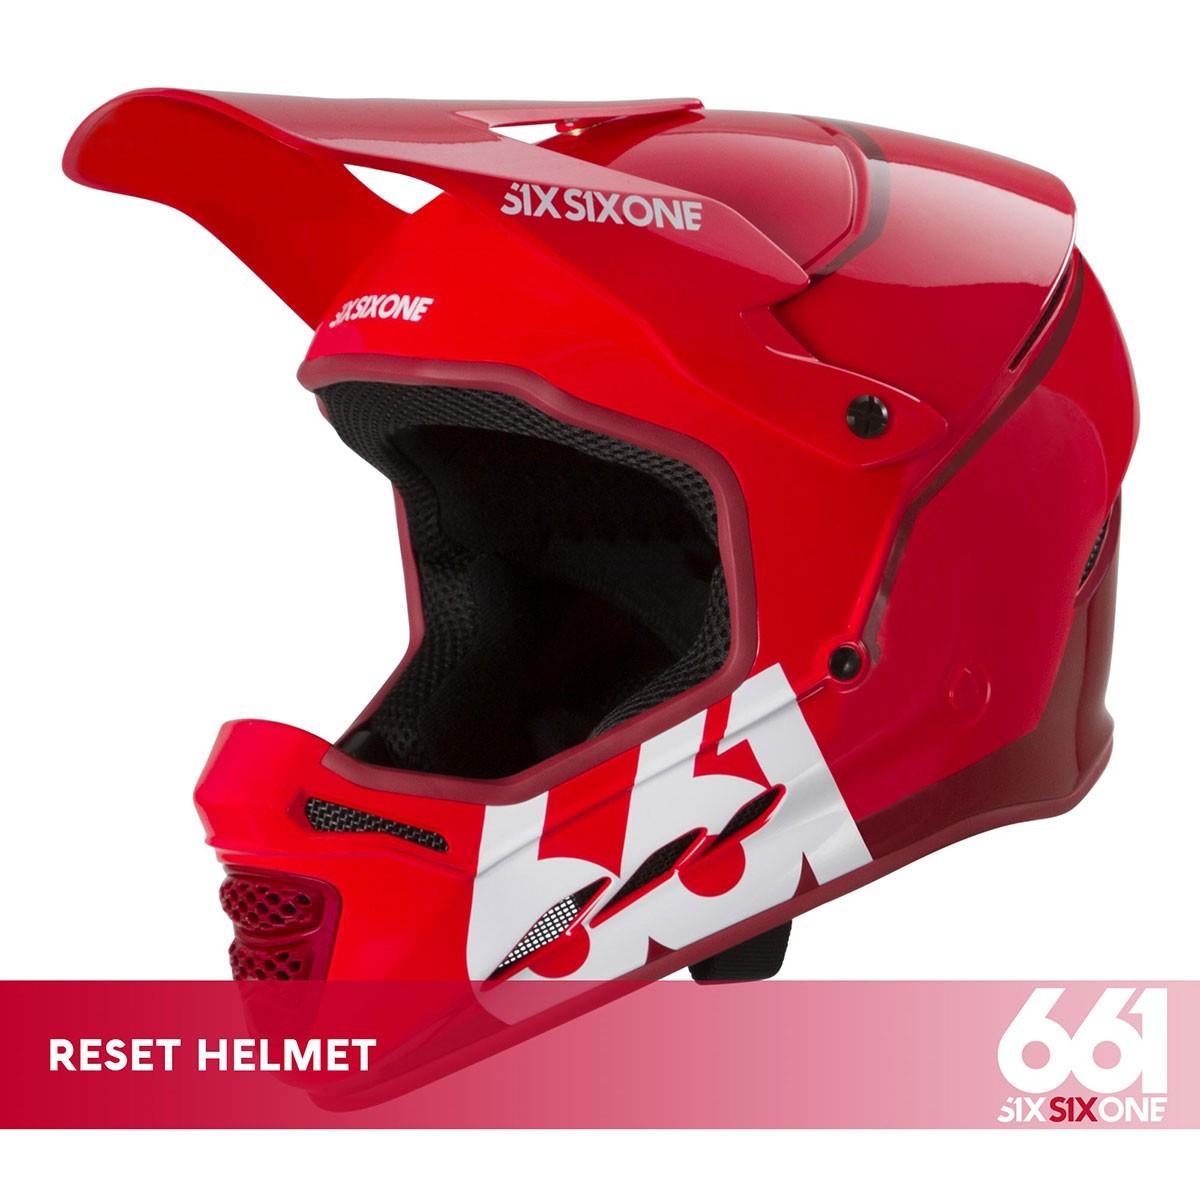 661 RESET MATADOR RED - Изображение - AQUAMATRIX